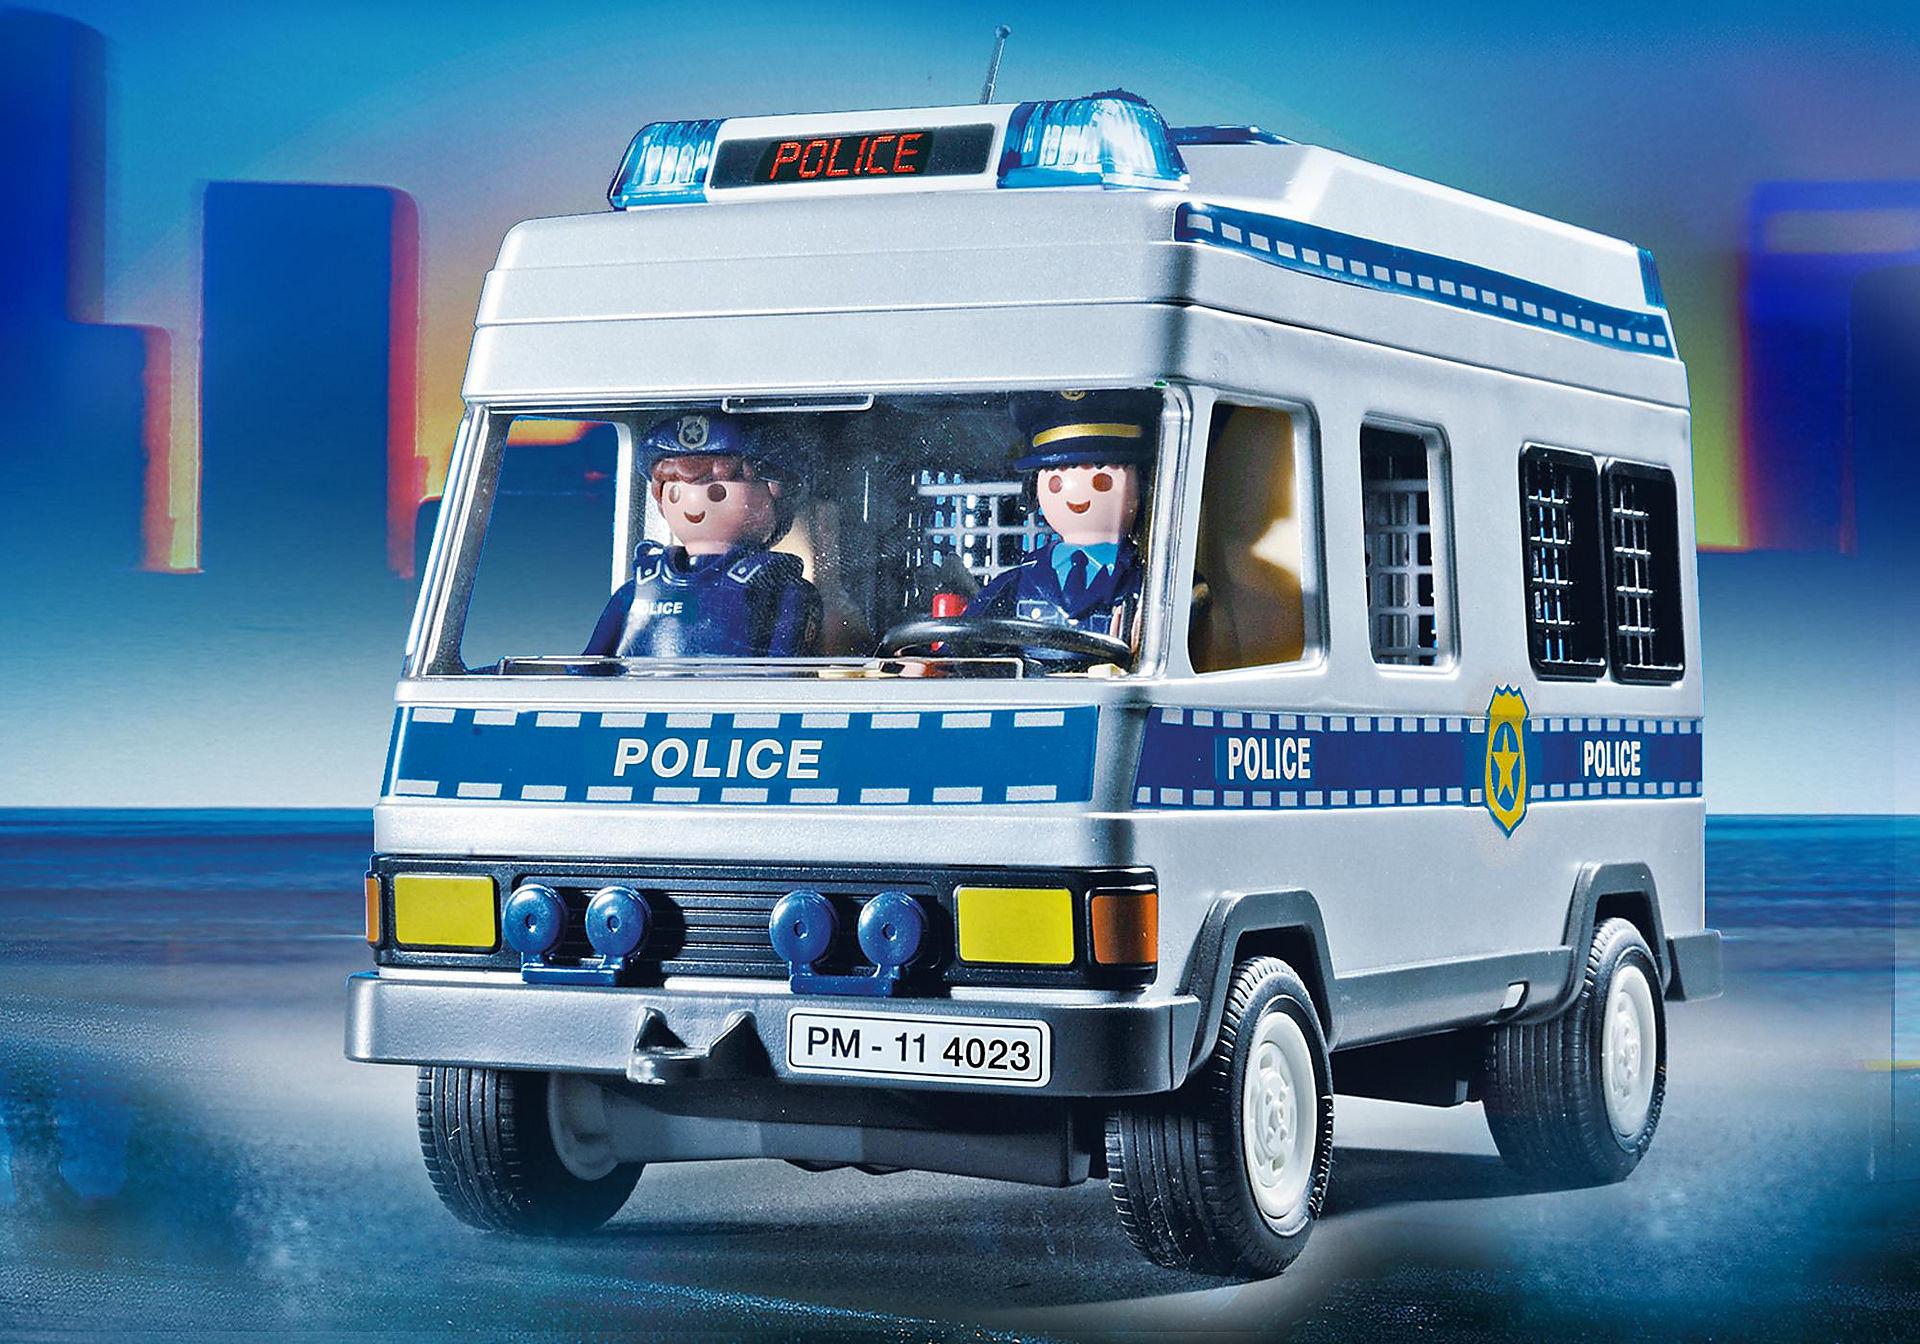 4023 Mobiele politie eenheid zoom image5